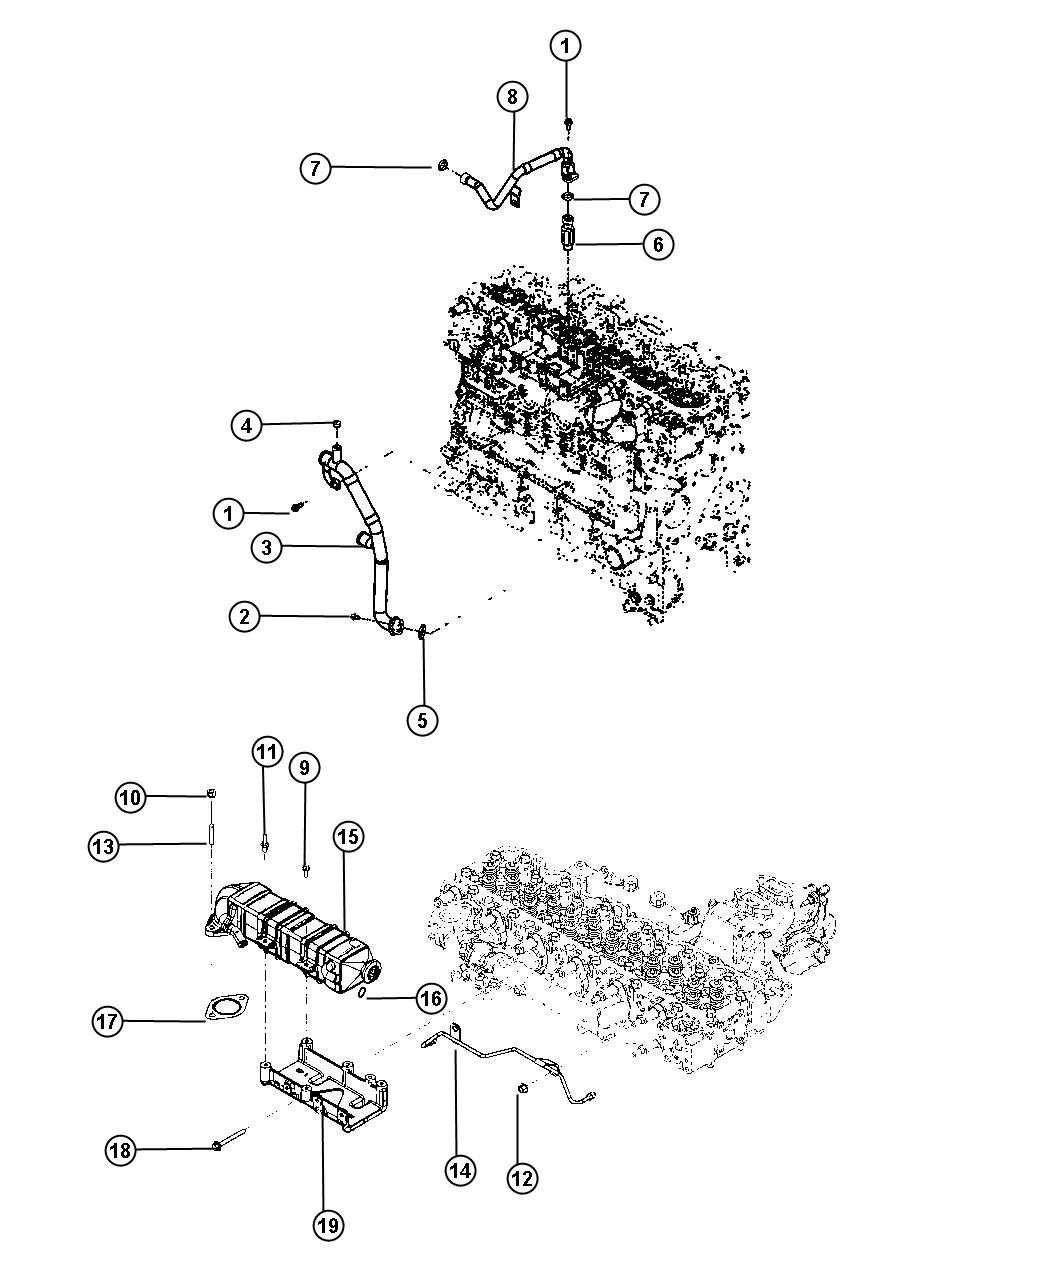 Dodge Ram Egr Cooling System